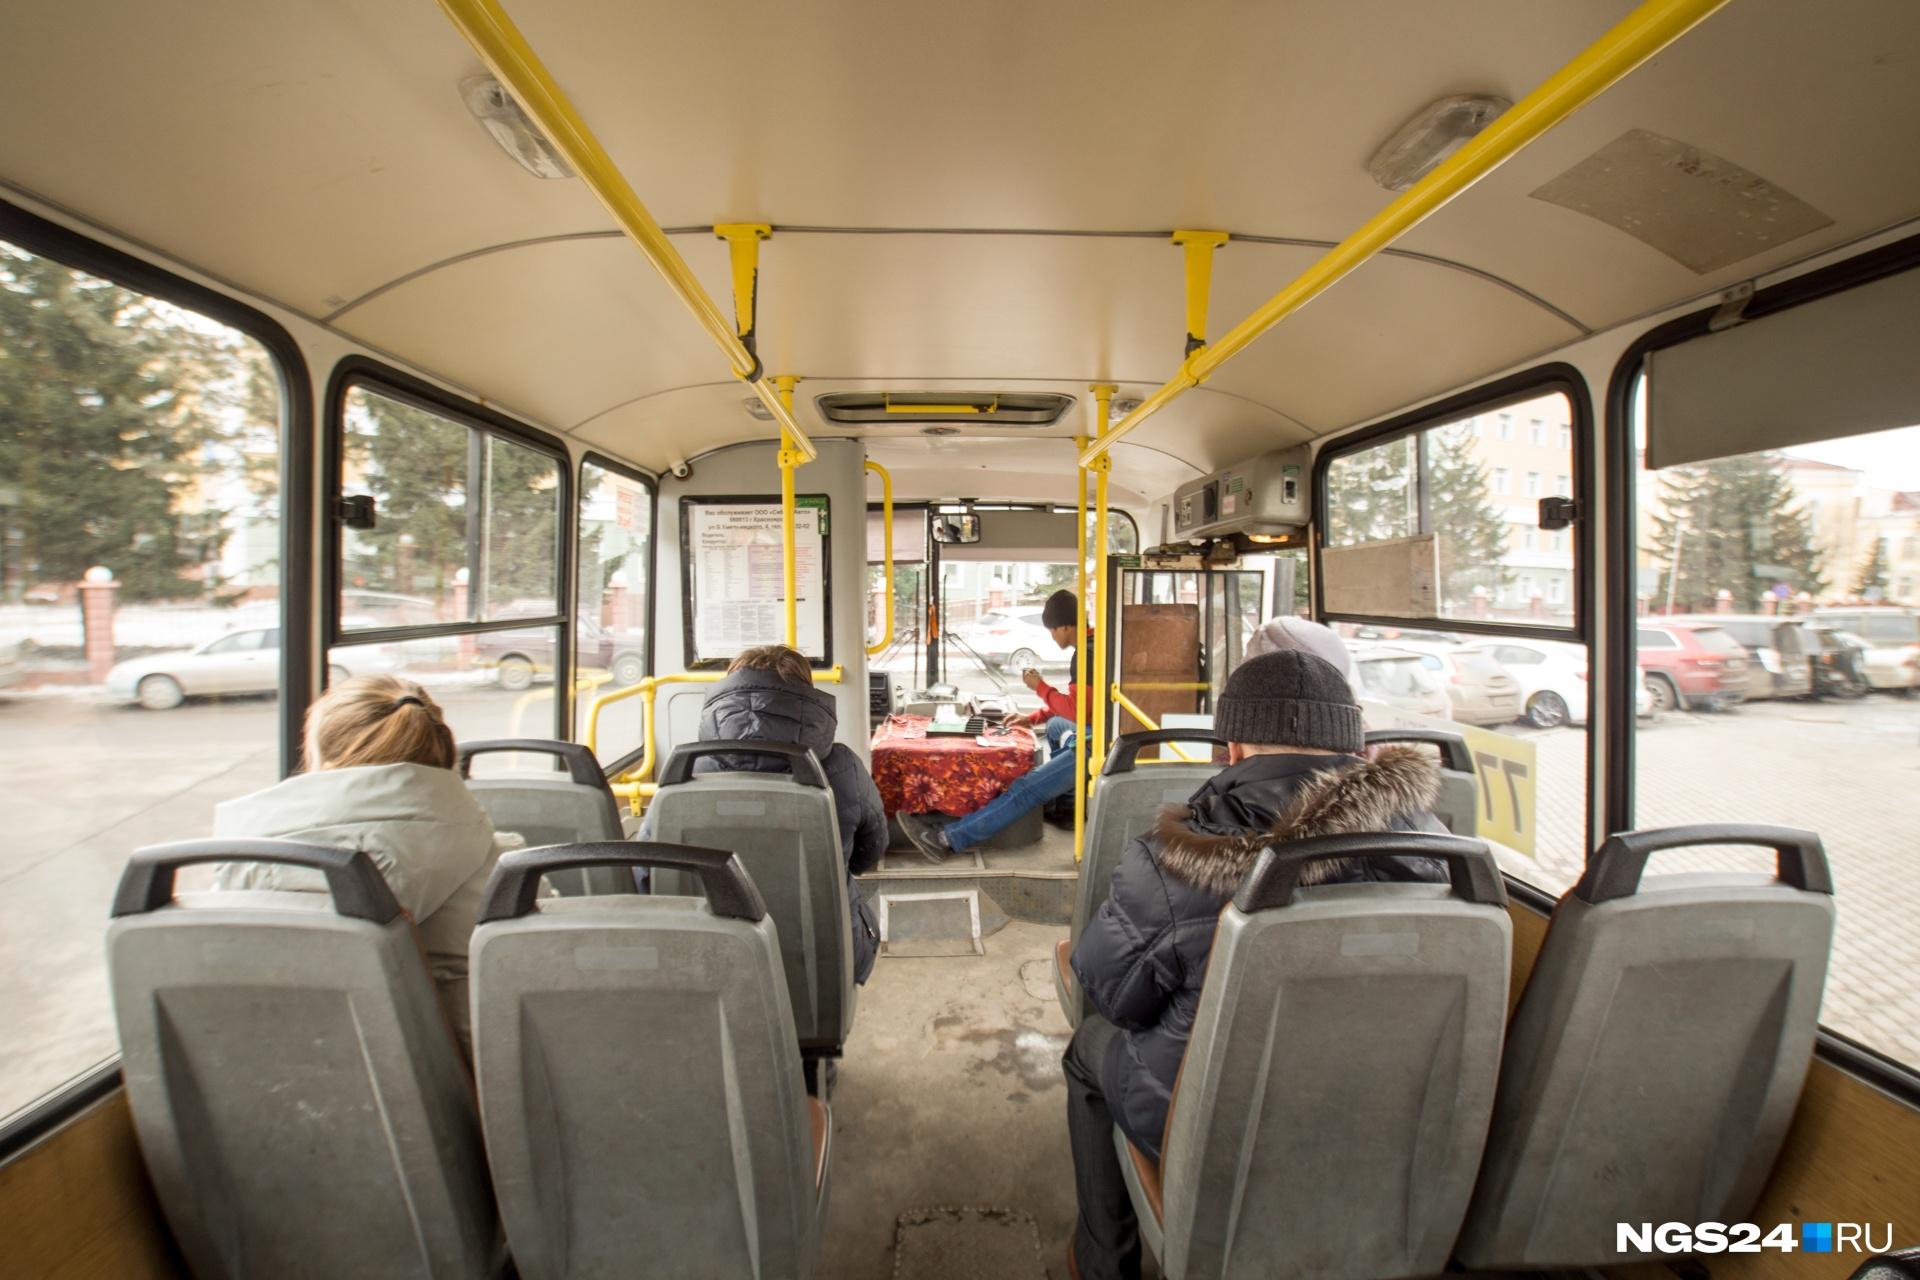 """По расчетам специалистов, на всех маршрутах города на затраты уходит от 30 до 70% выручки. Например, на маршрутах <nobr class=""""_"""">№ 3,</nobr> 85, 90 уходит почти 2/3 выручки. В докладе говорится, что изменить ситуацию можно с помощью введения новой системы оплаты проезда"""